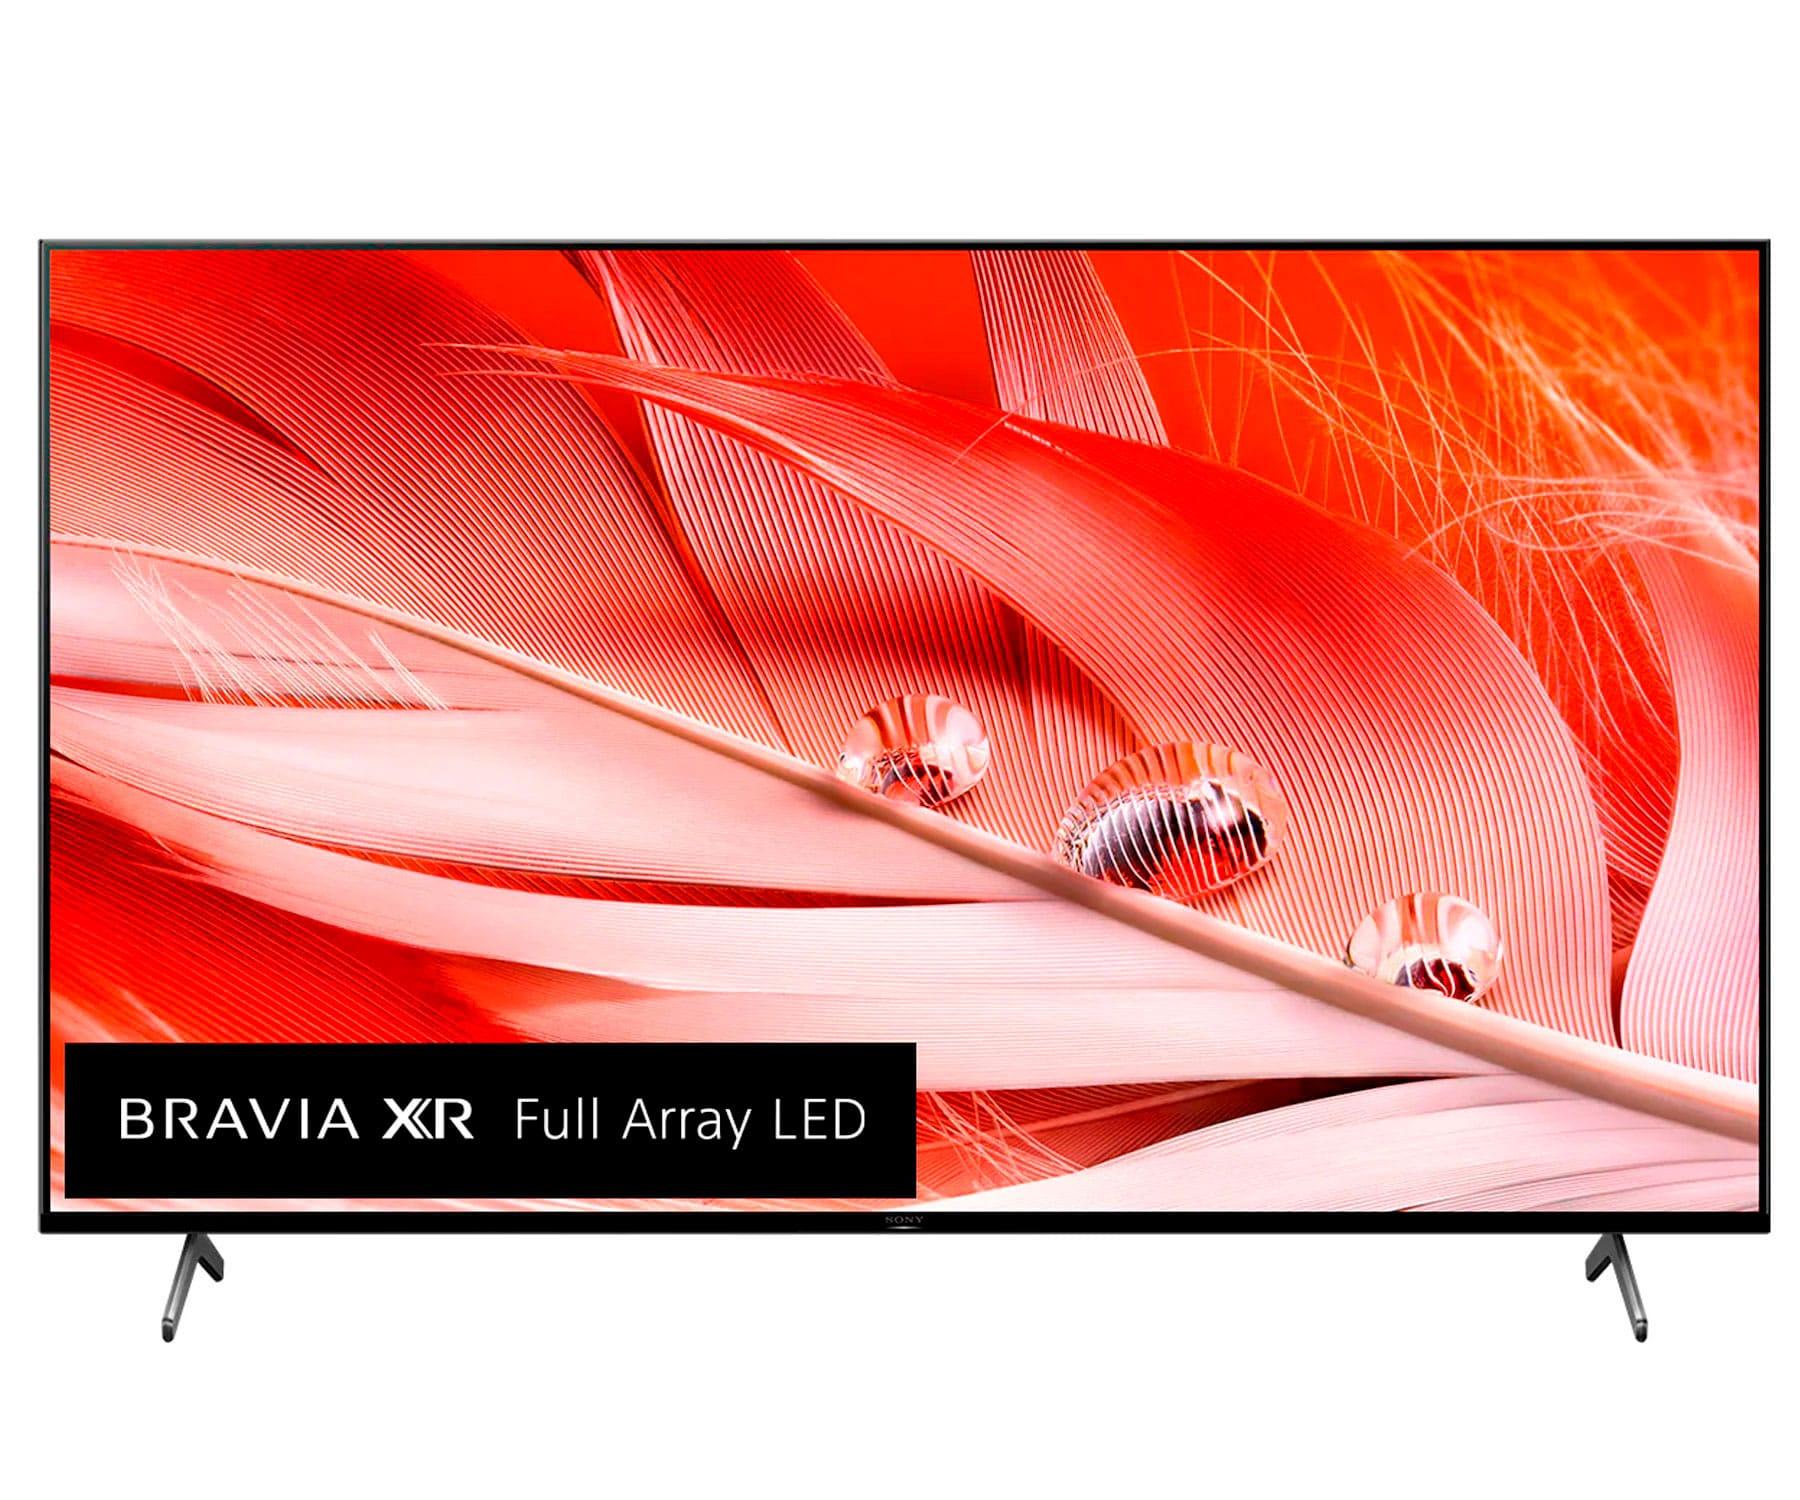 SONY XR-65X90J TELEVISOR SMART TV 65'' FULL ARRAY LED UHD 4K HDR